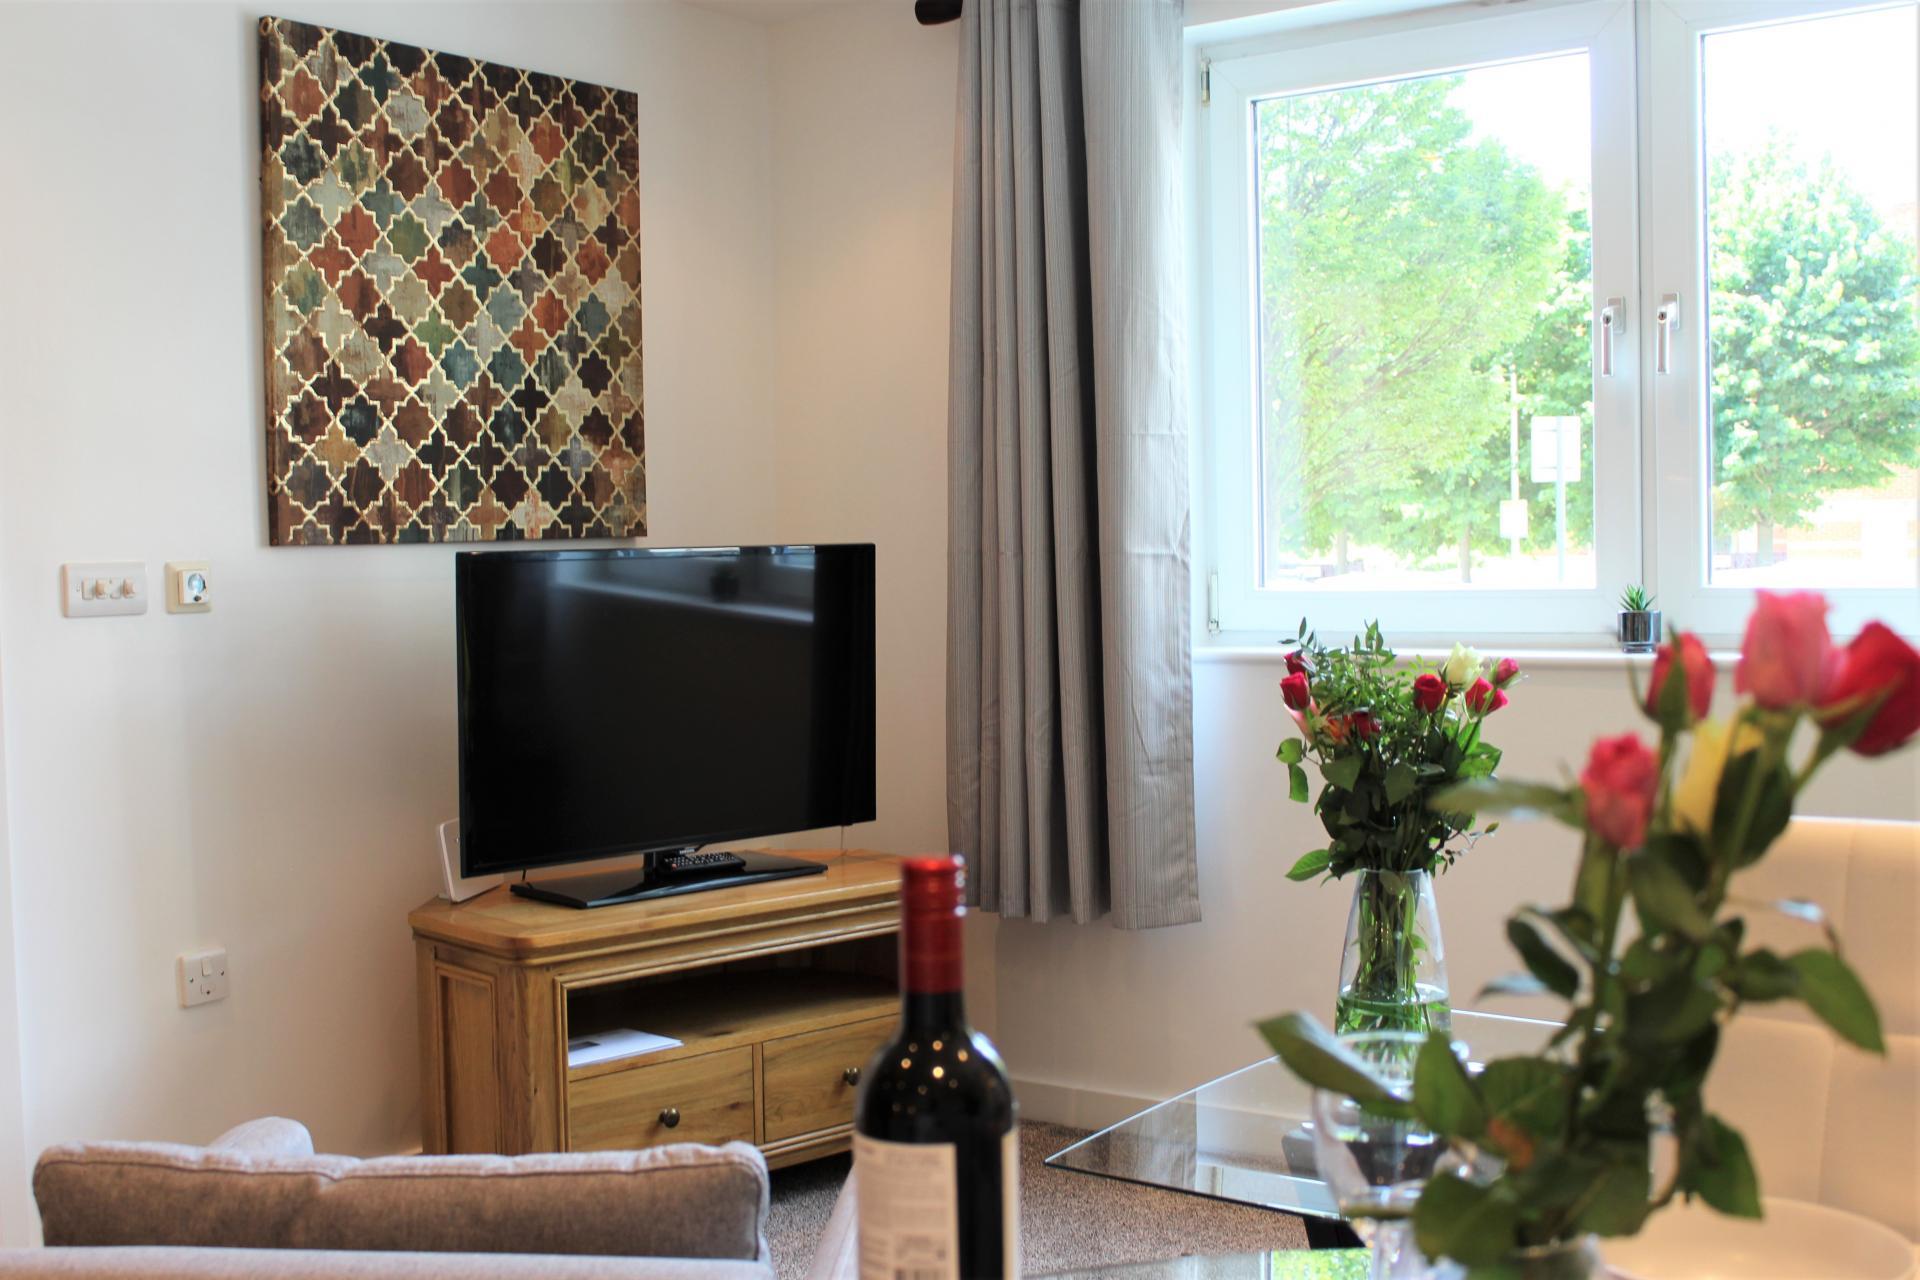 TV at Gunwharf Quays Apartments, Gunwharf Quays, Portsmouth - Citybase Apartments